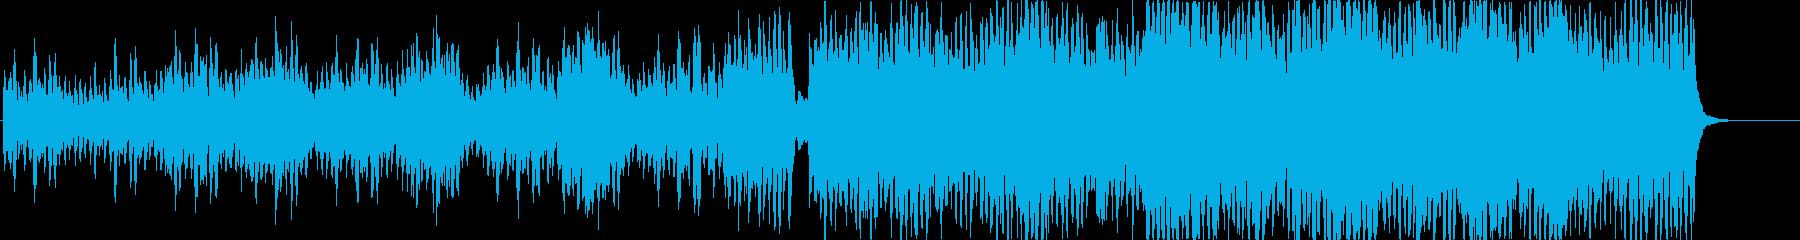 ストリングスカルテット優雅なCM向けの再生済みの波形